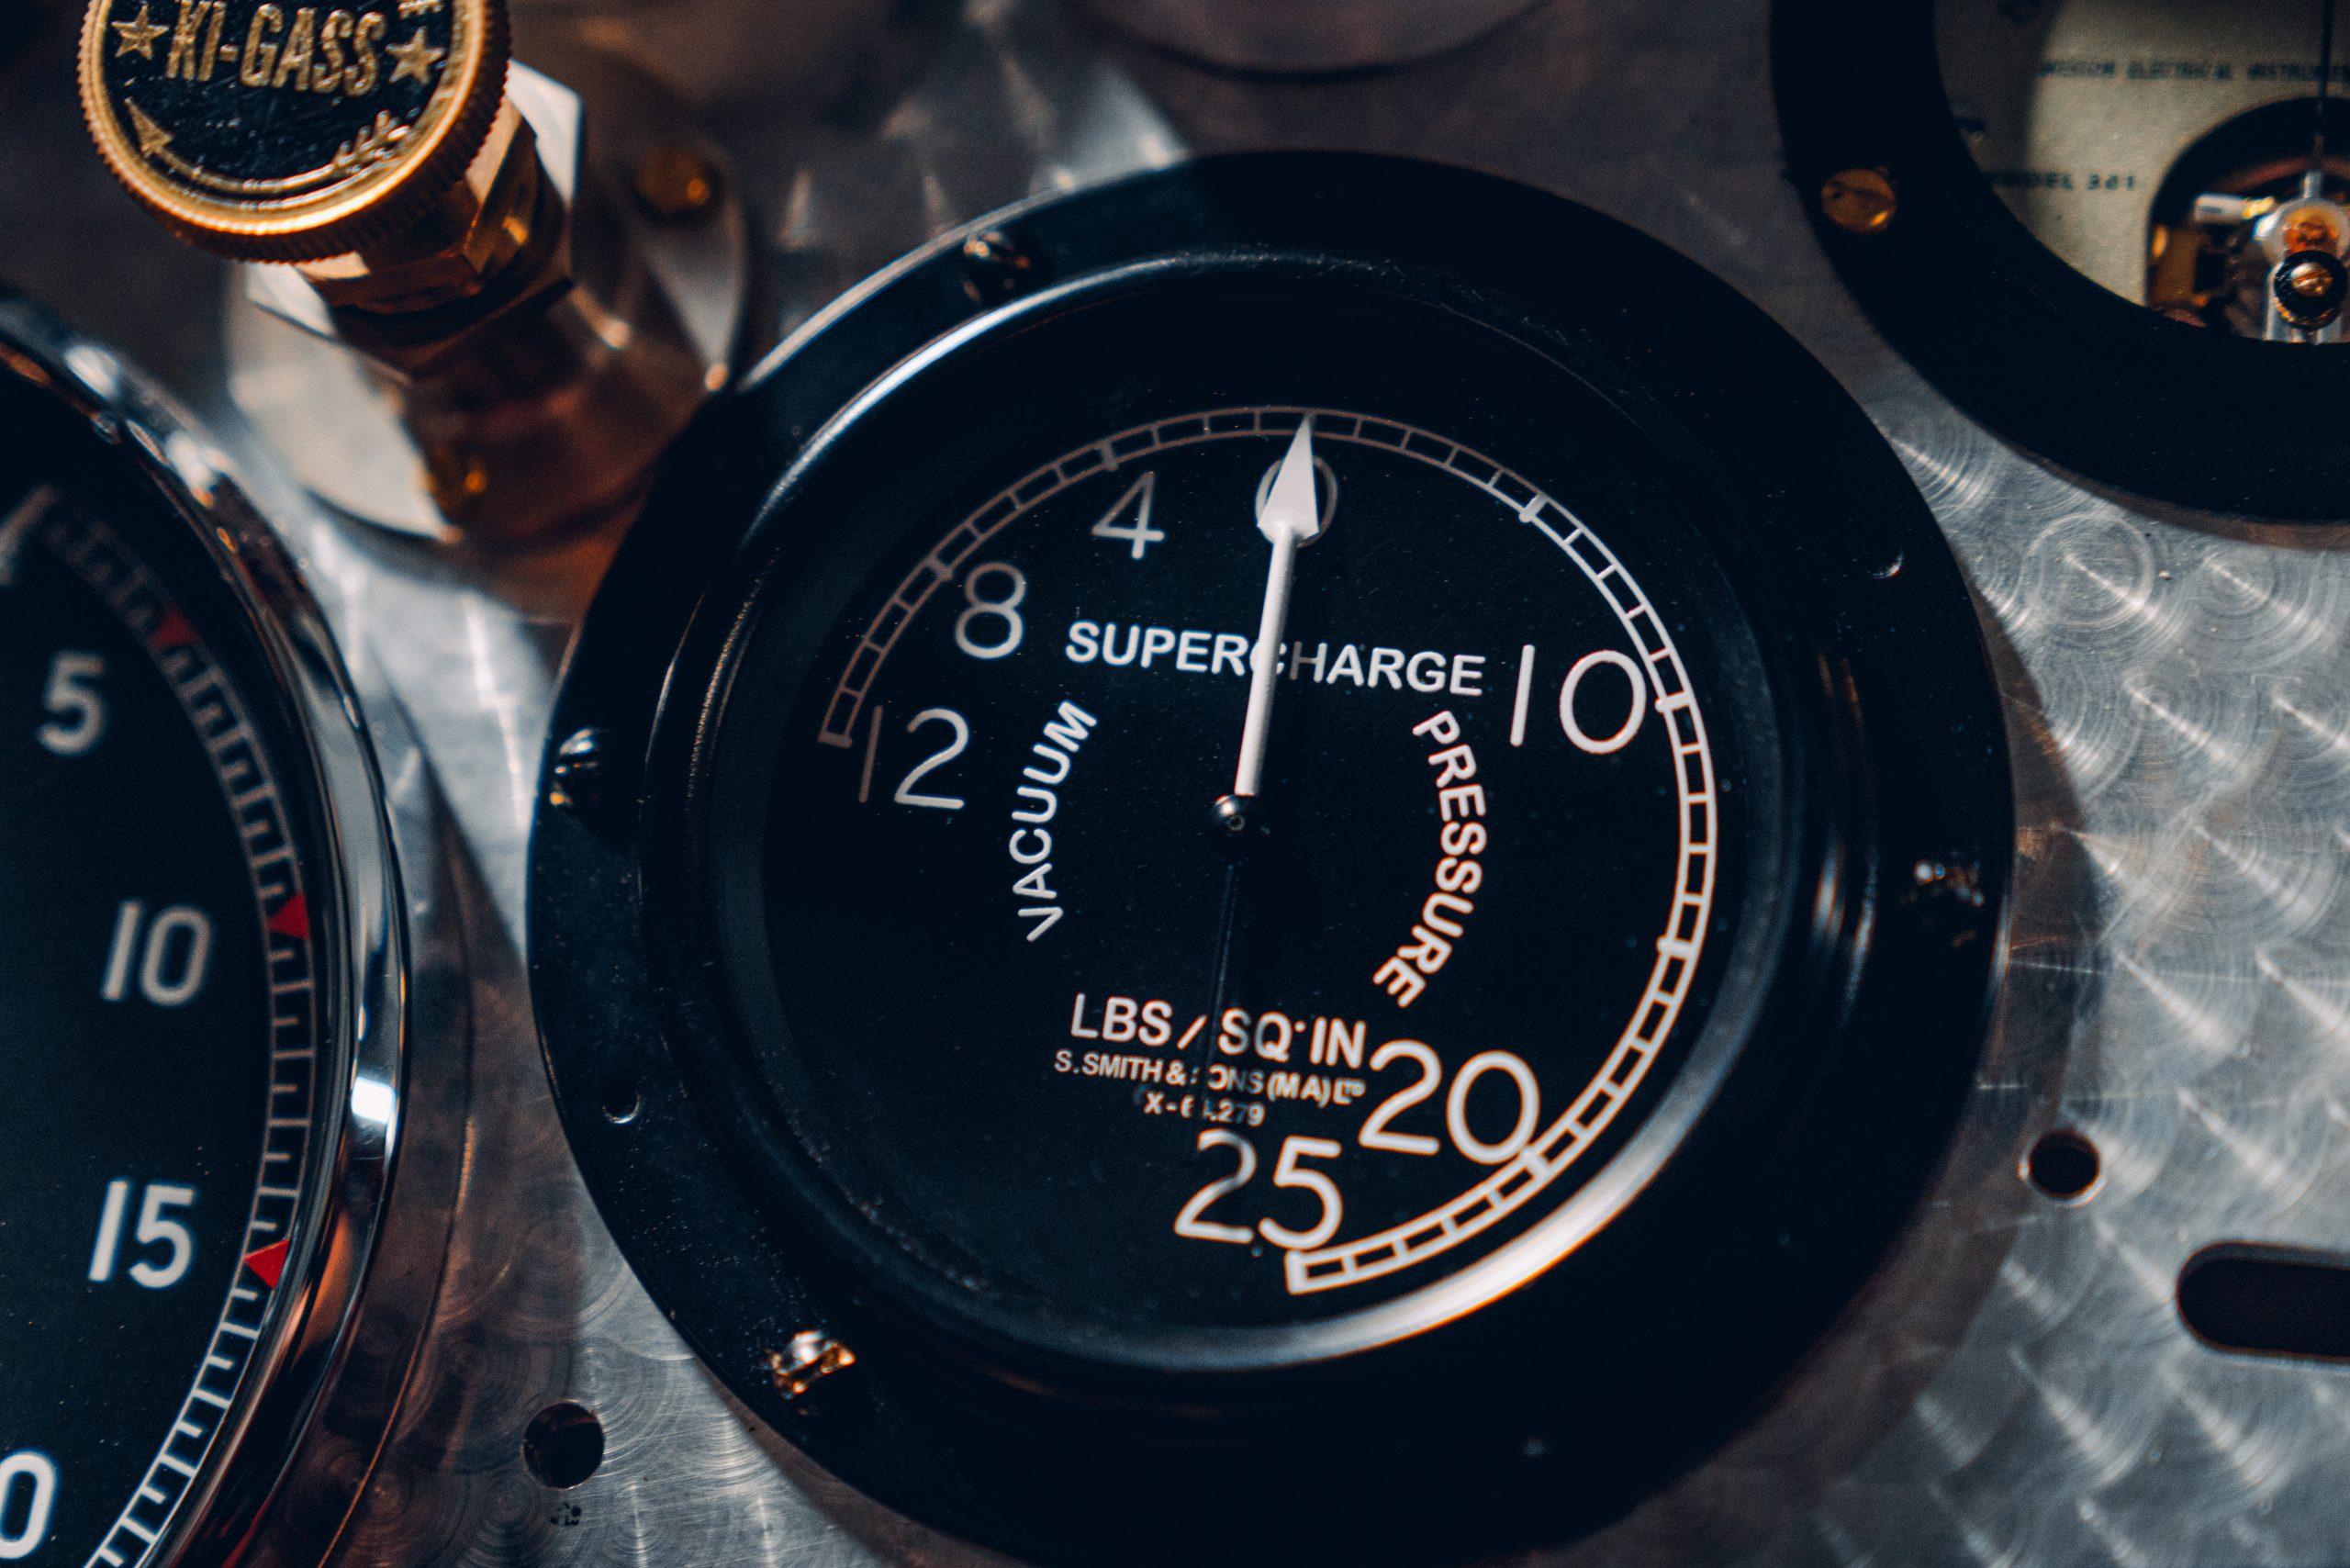 Bentley Blower Car Zero boost gauge detail